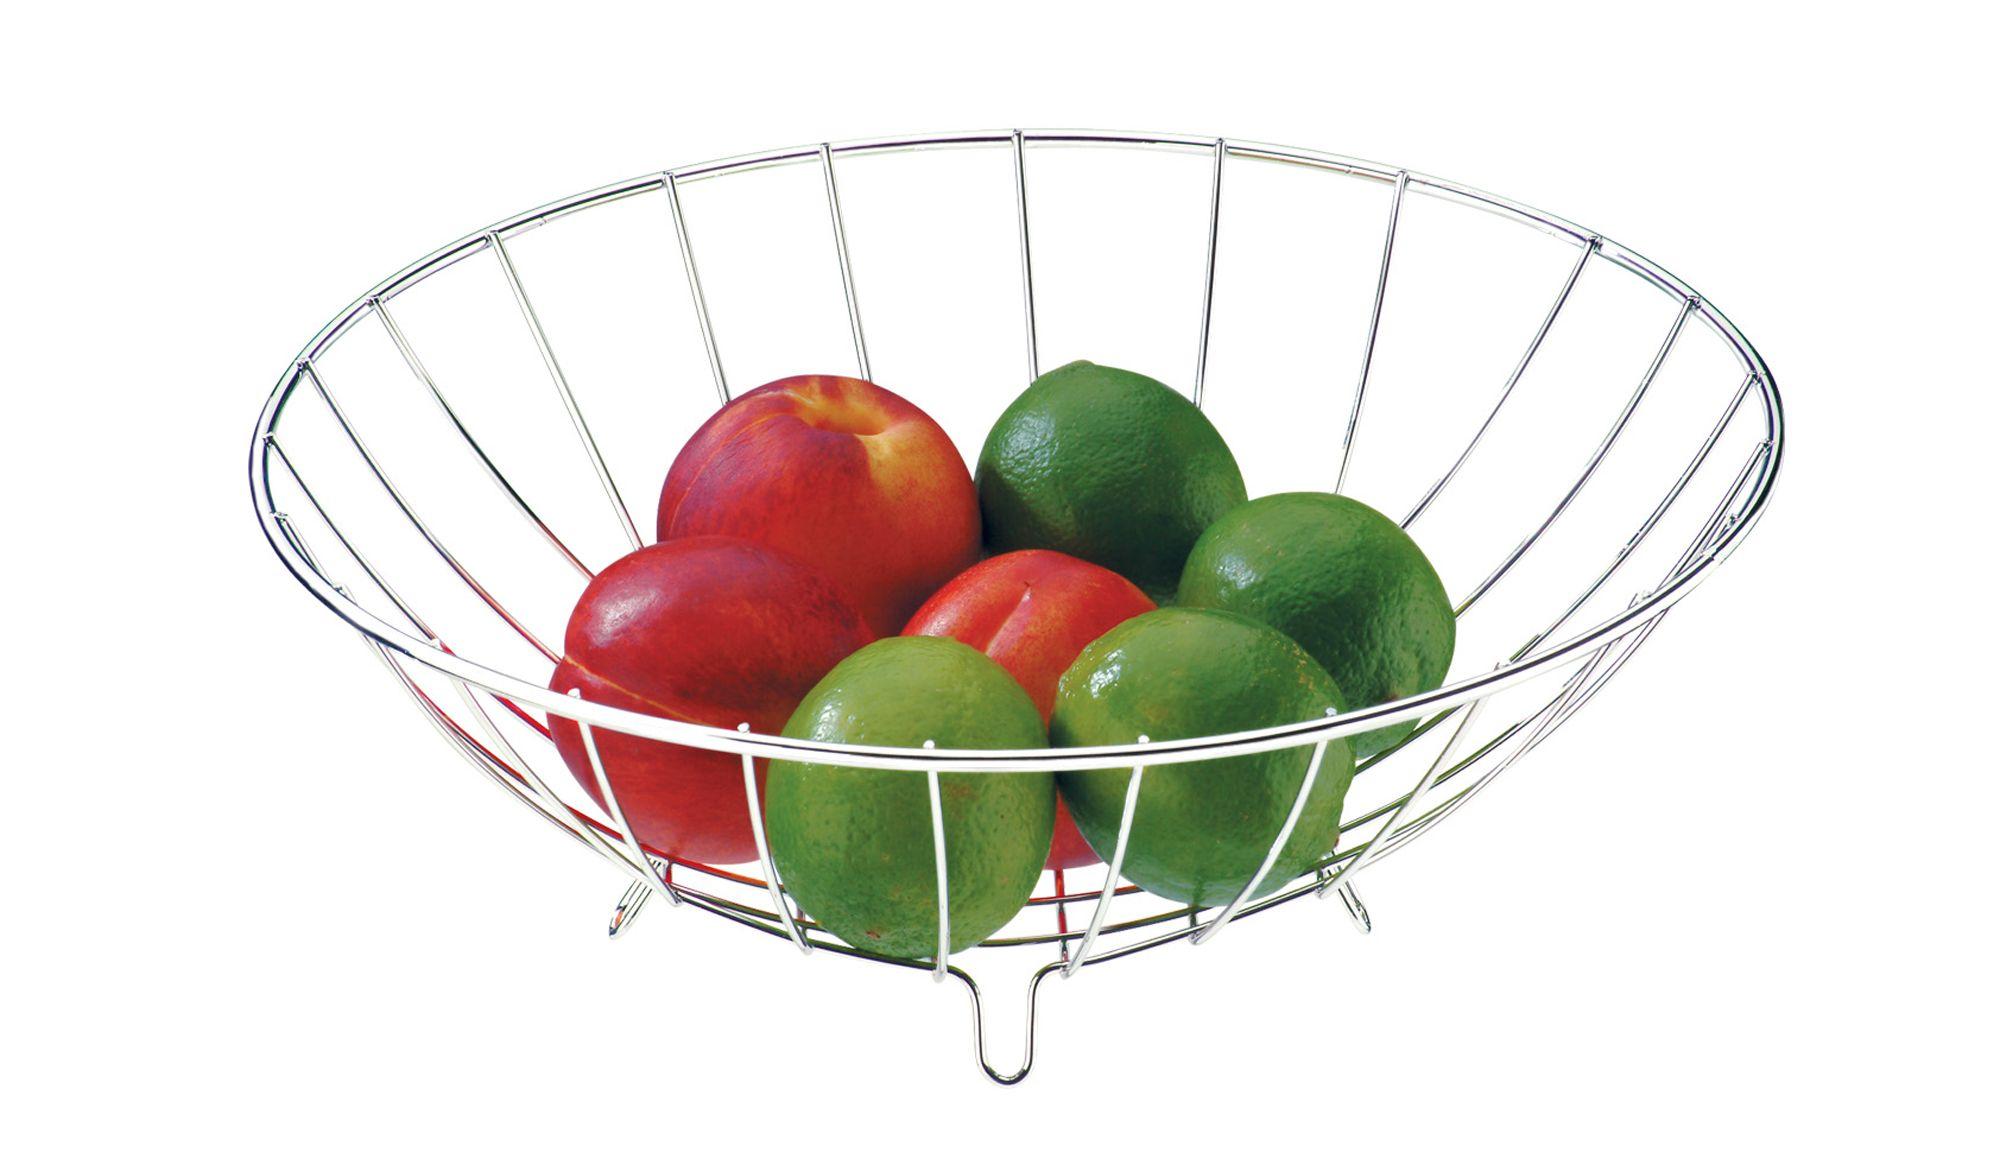 Fruteira 1 Andar